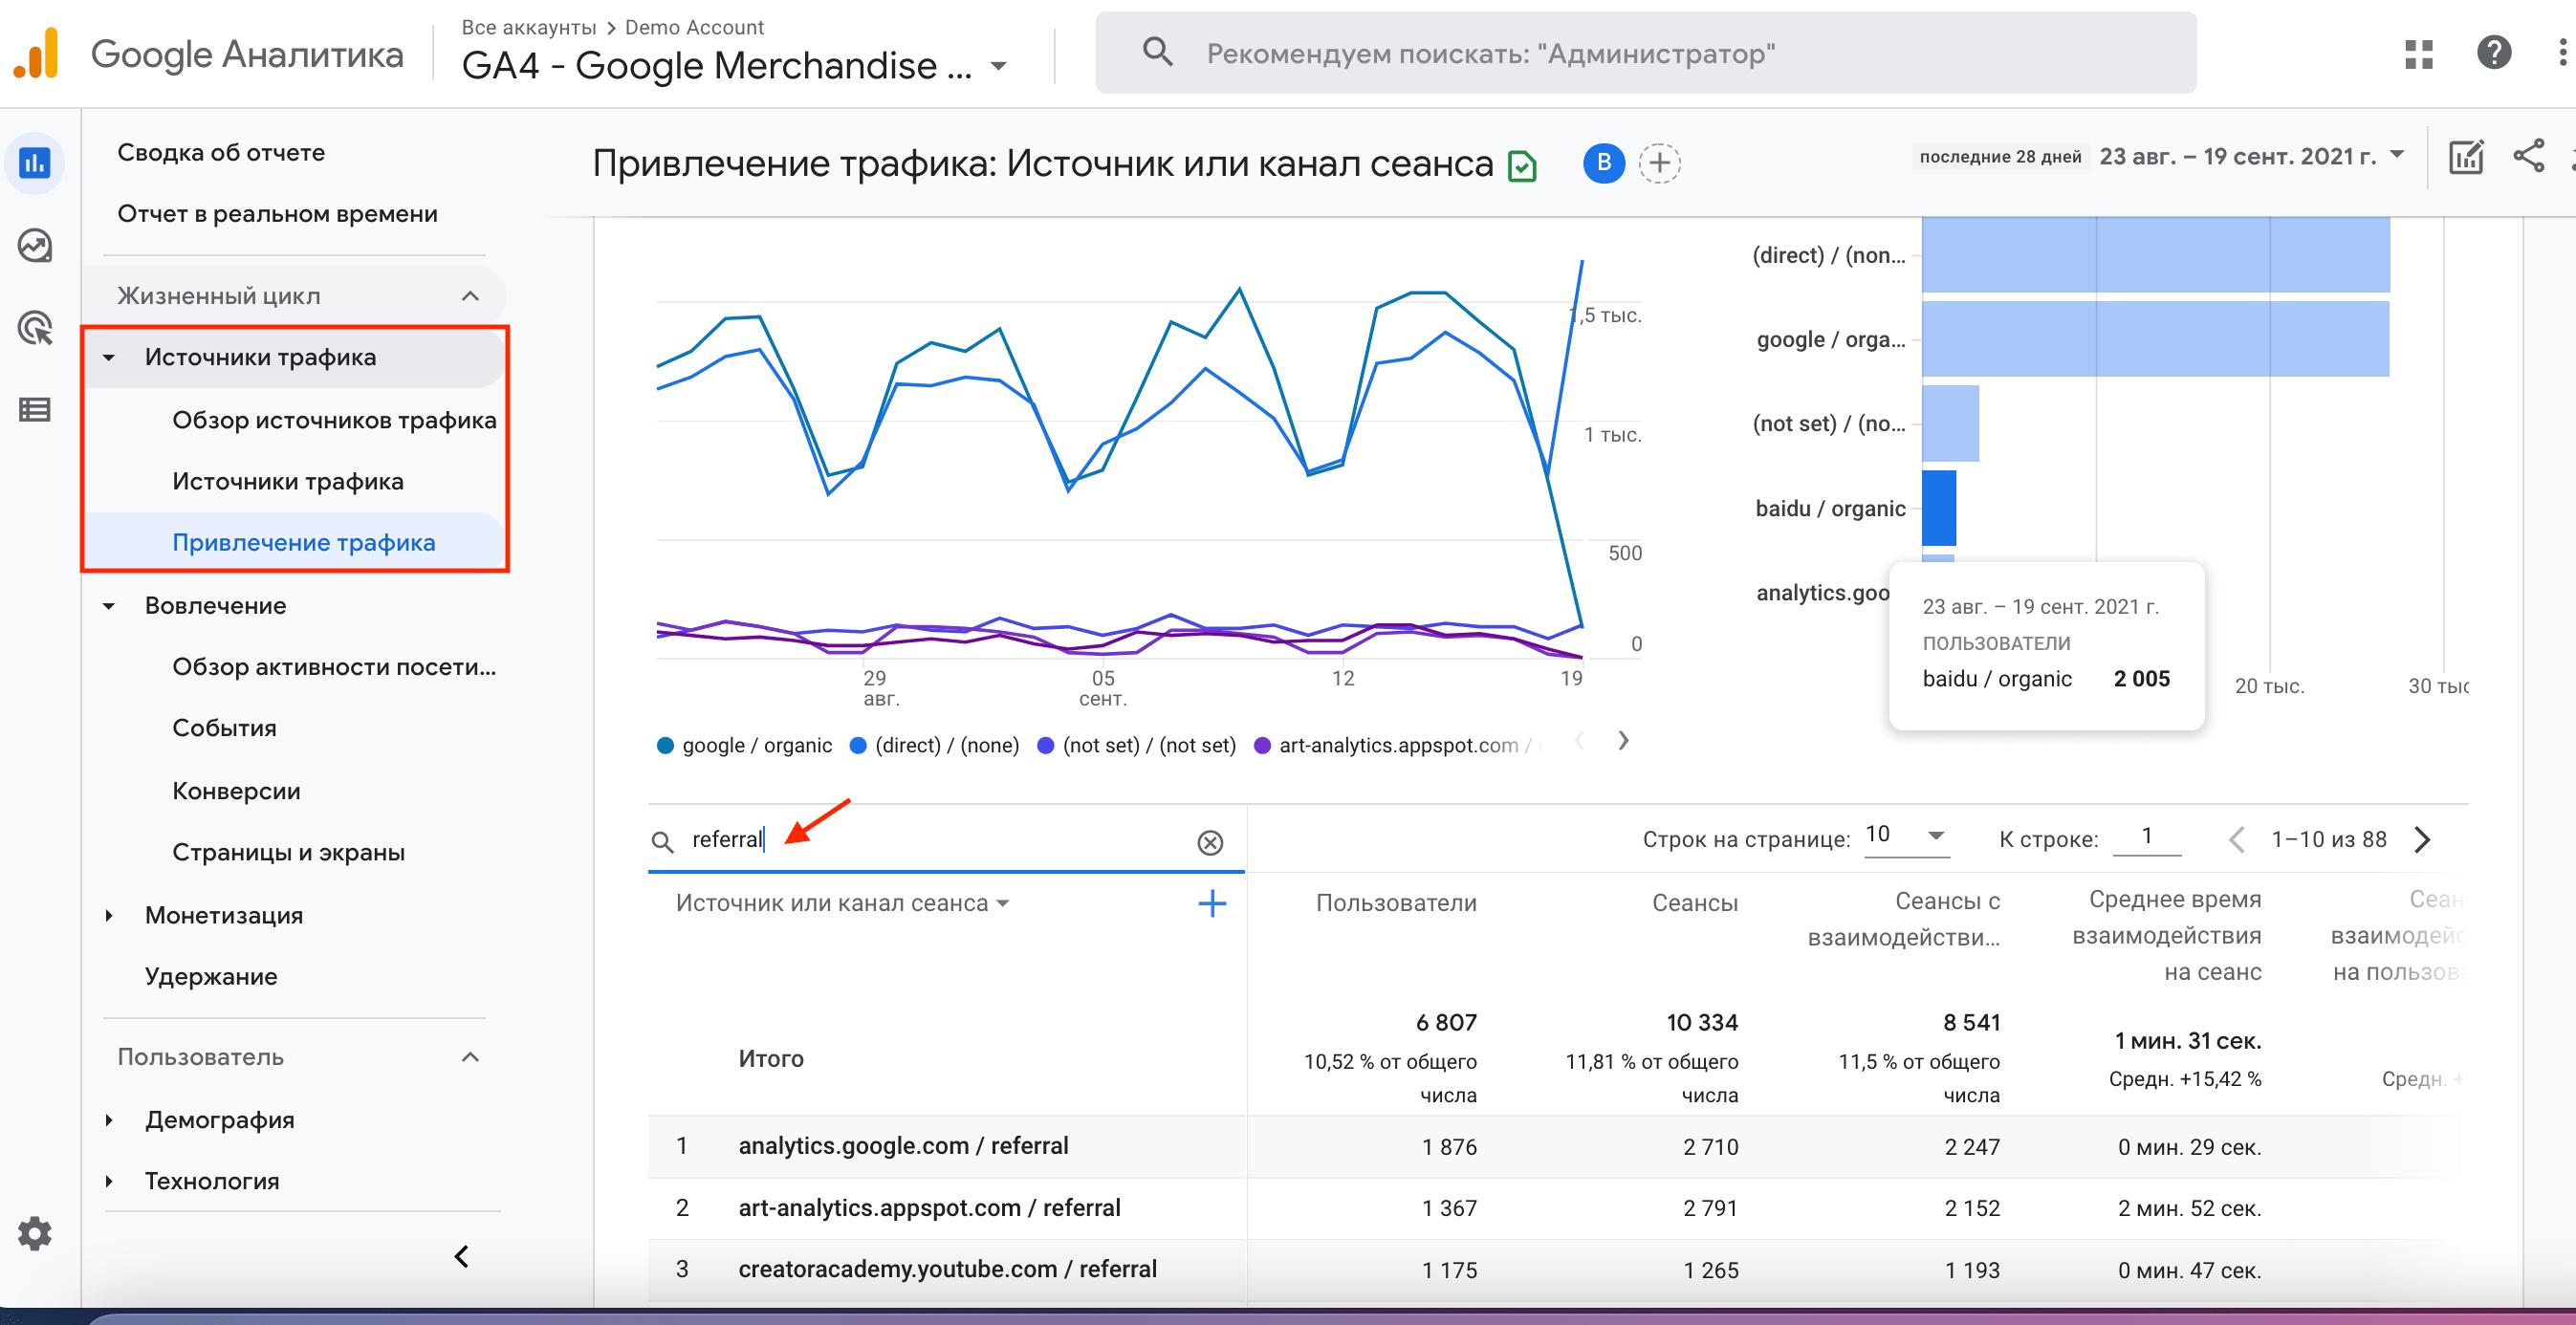 Отчет «Привлечение трафика» в Google Аналитике 4